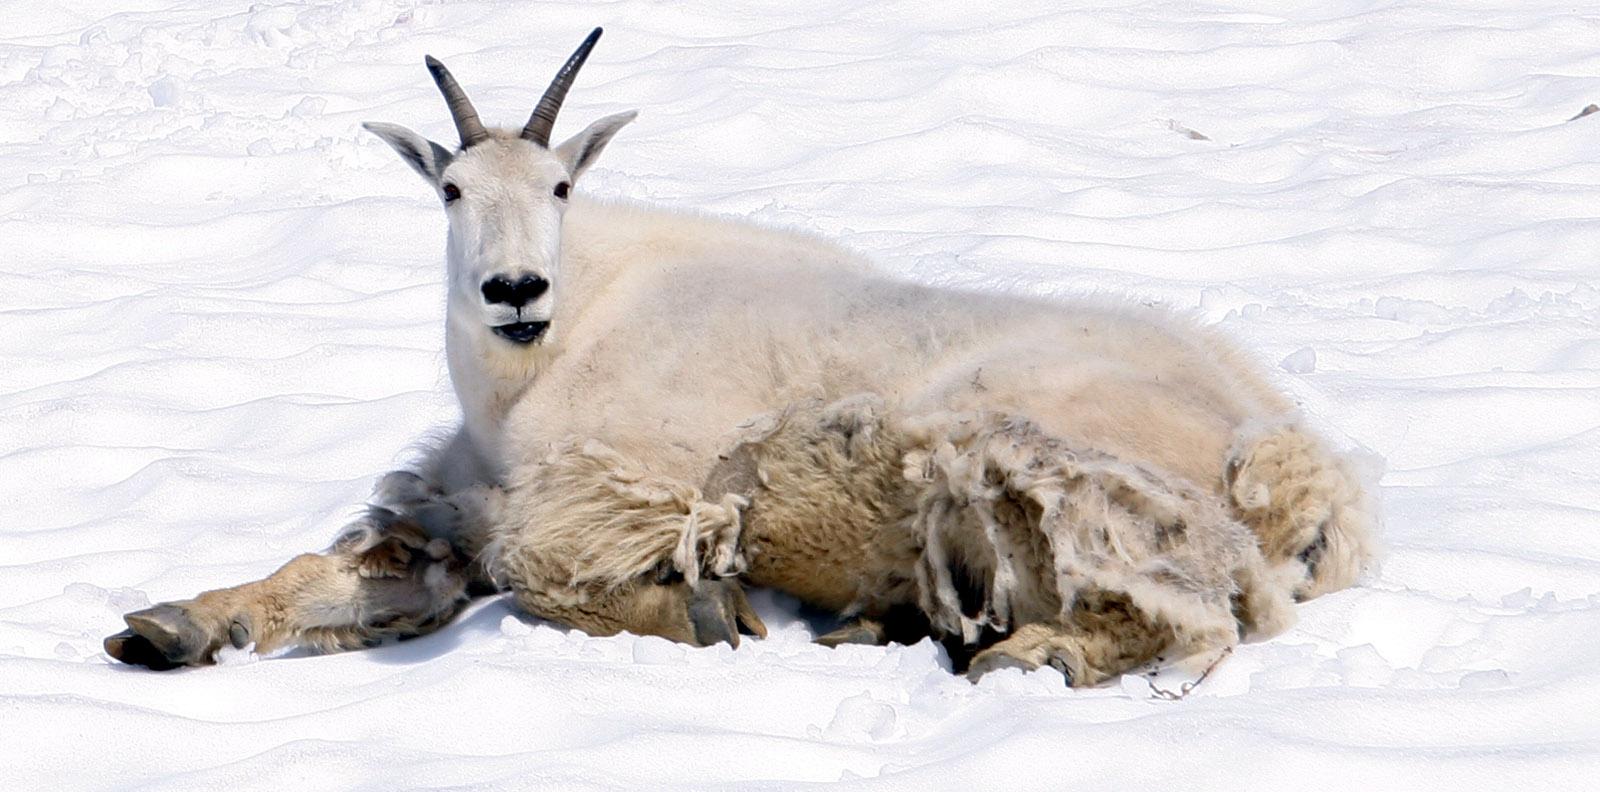 http://jasperjournal.com/jaspergallery/d/456-3/mountain_goats_on_snow2.jpg